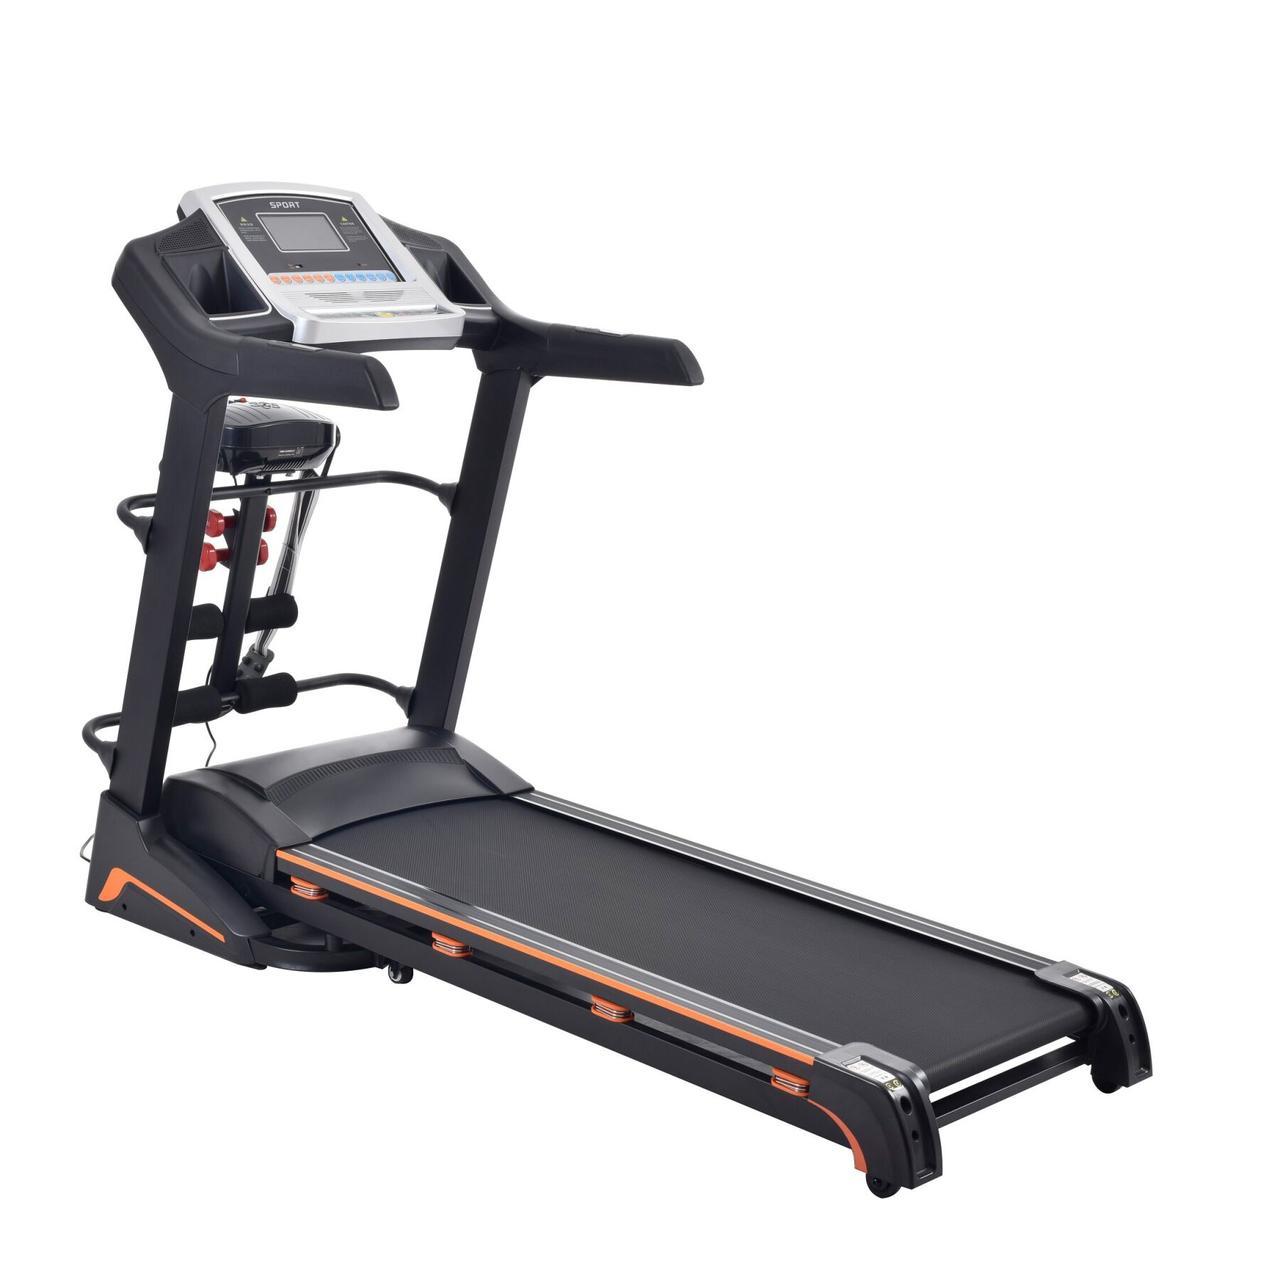 Беговая дорожка Atleto A10 с массажером. Максимальный вес пользователя: 140 кг